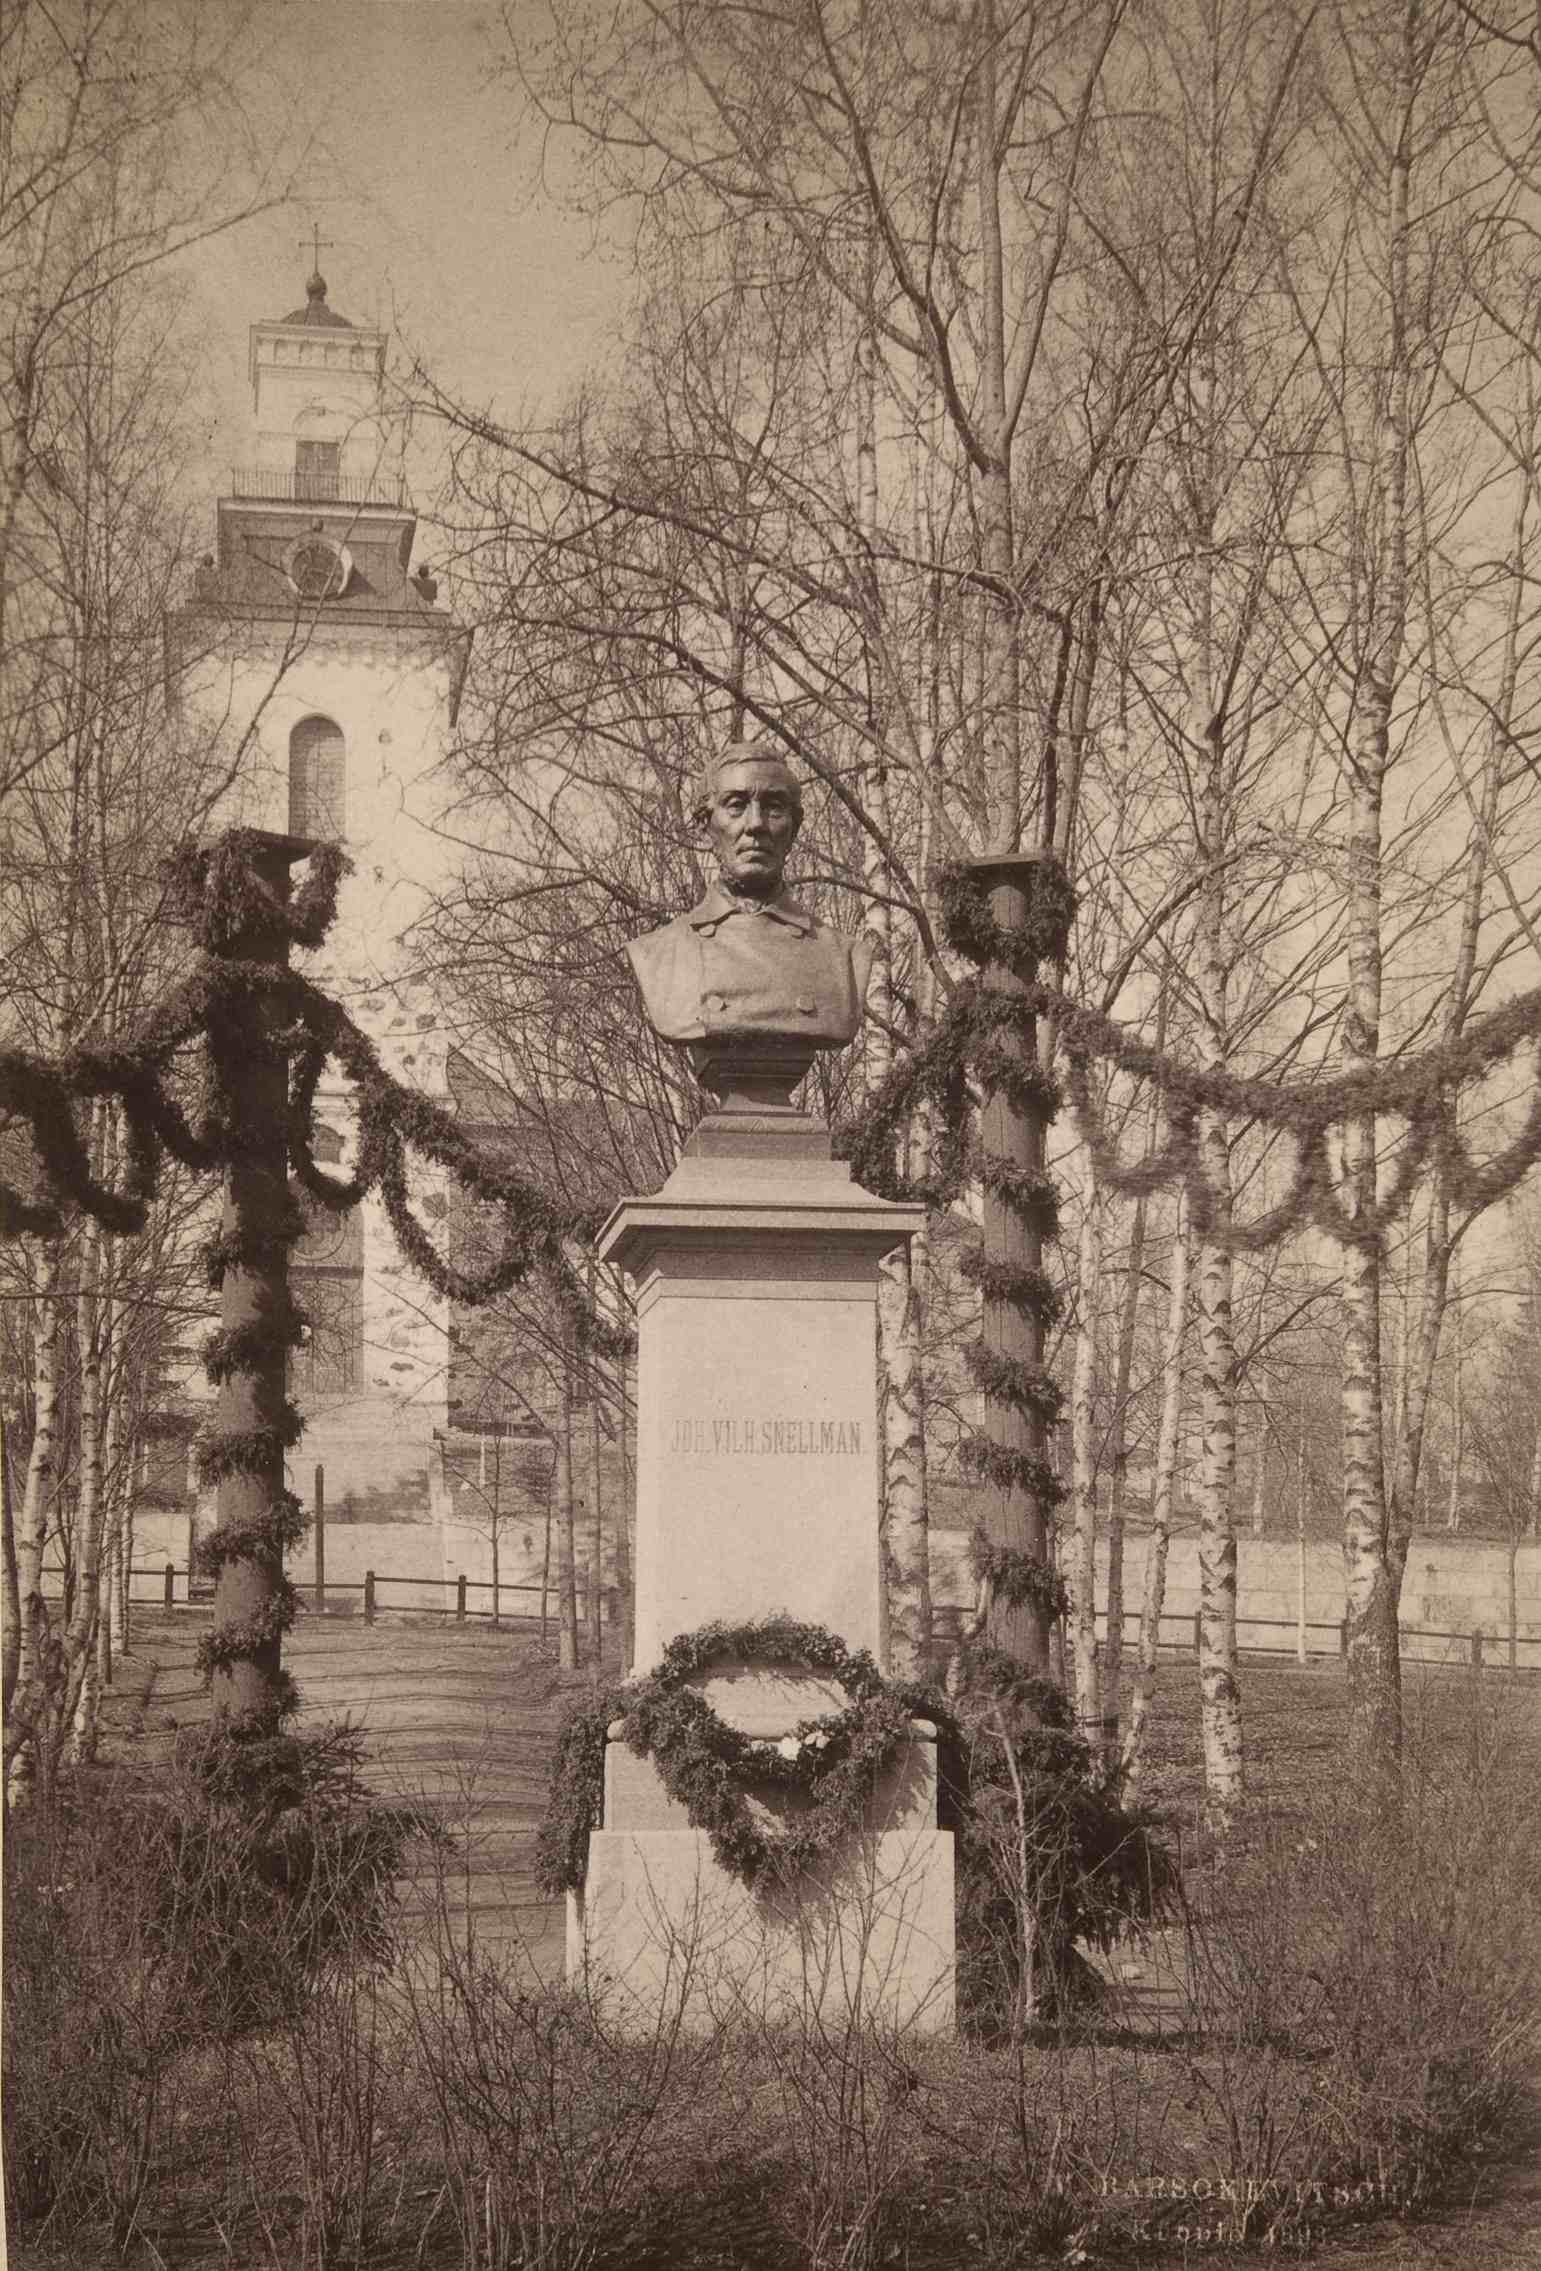 J. V. Snellmanin vuonna 1886 Kuopiossa paljastettu rintakuva on koko Sisä-Suomen vanhin julkinen veistos. Se sijaitsee Snellmaninpuistossa Kuopion tuomikirkon läheisyydessä. (Victor Barsokevitsch / Museovirasto)